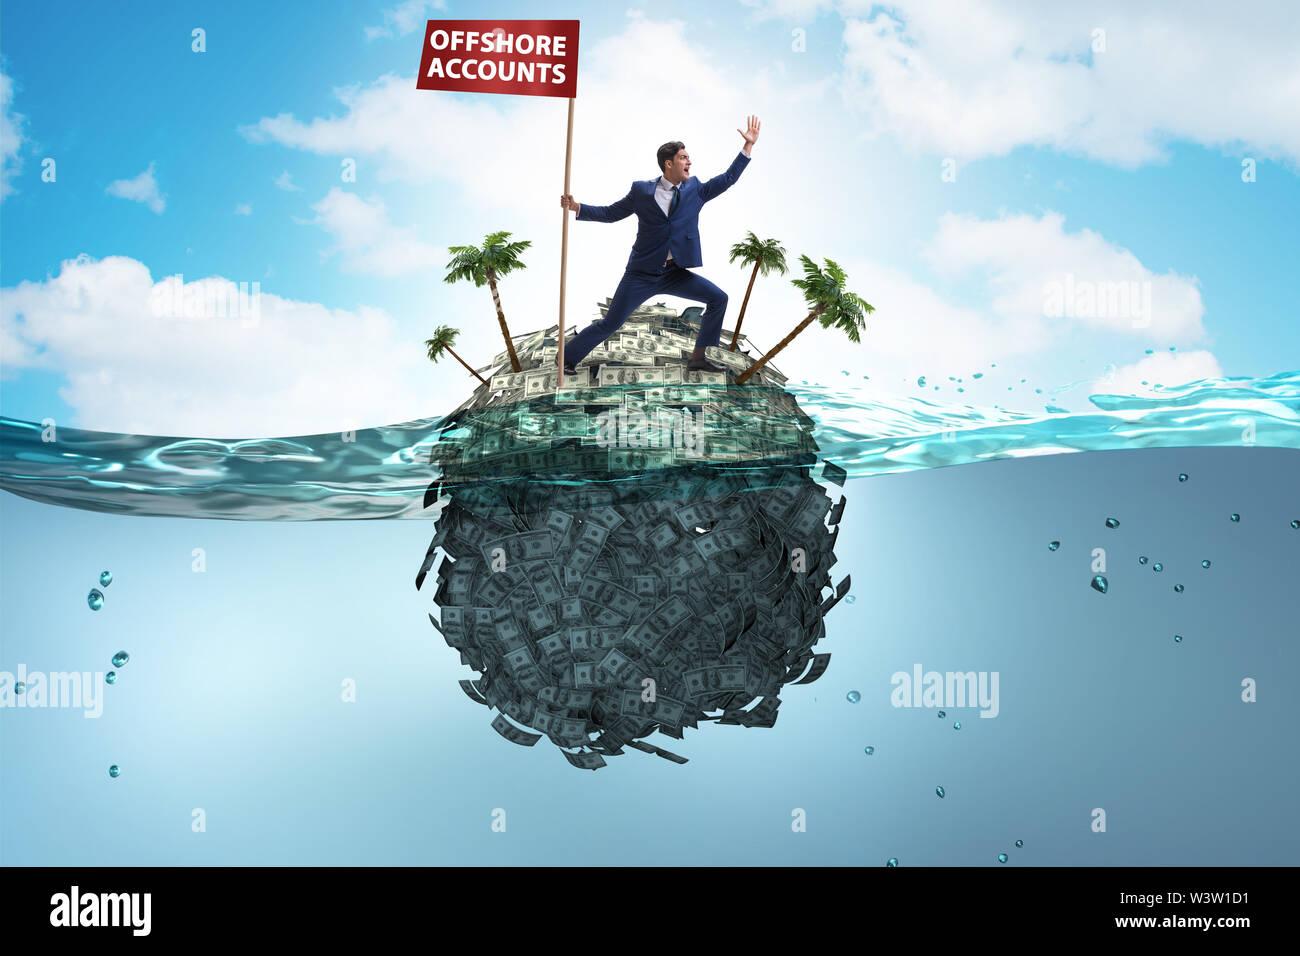 Le concept d'affaires avec des comptes à l'étranger Photo Stock